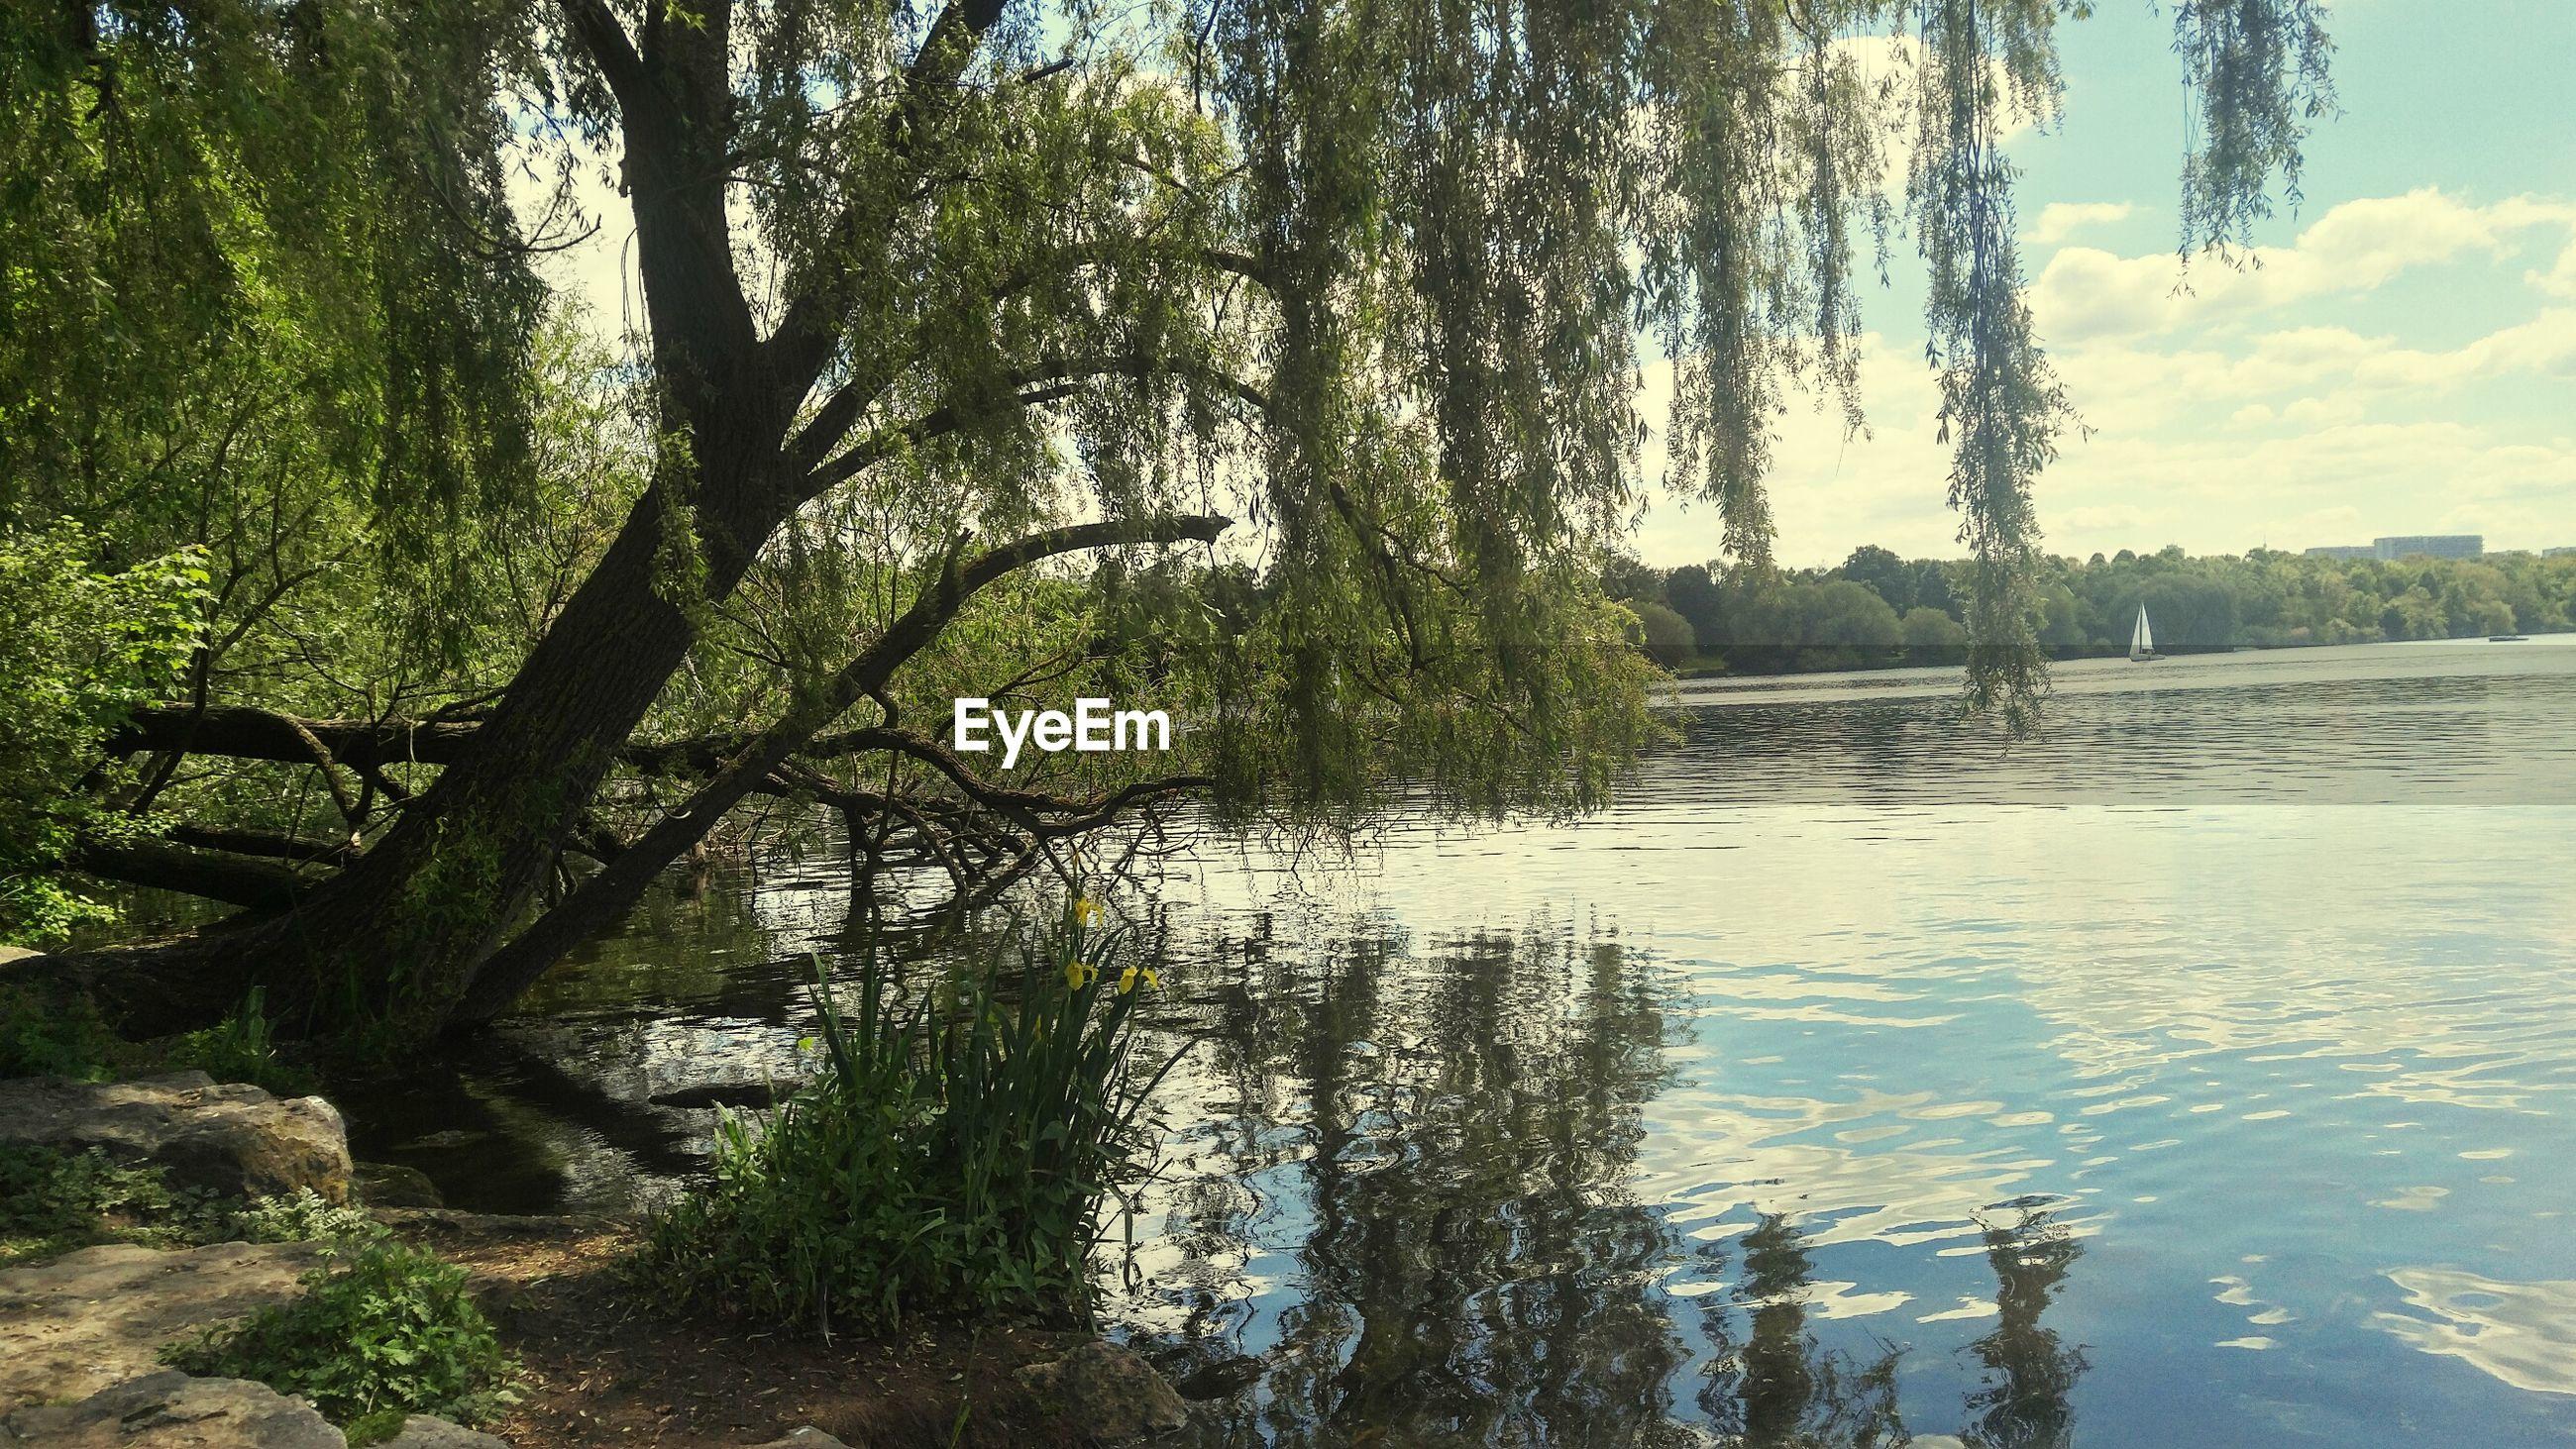 TREES GROWING IN LAKE AGAINST SKY